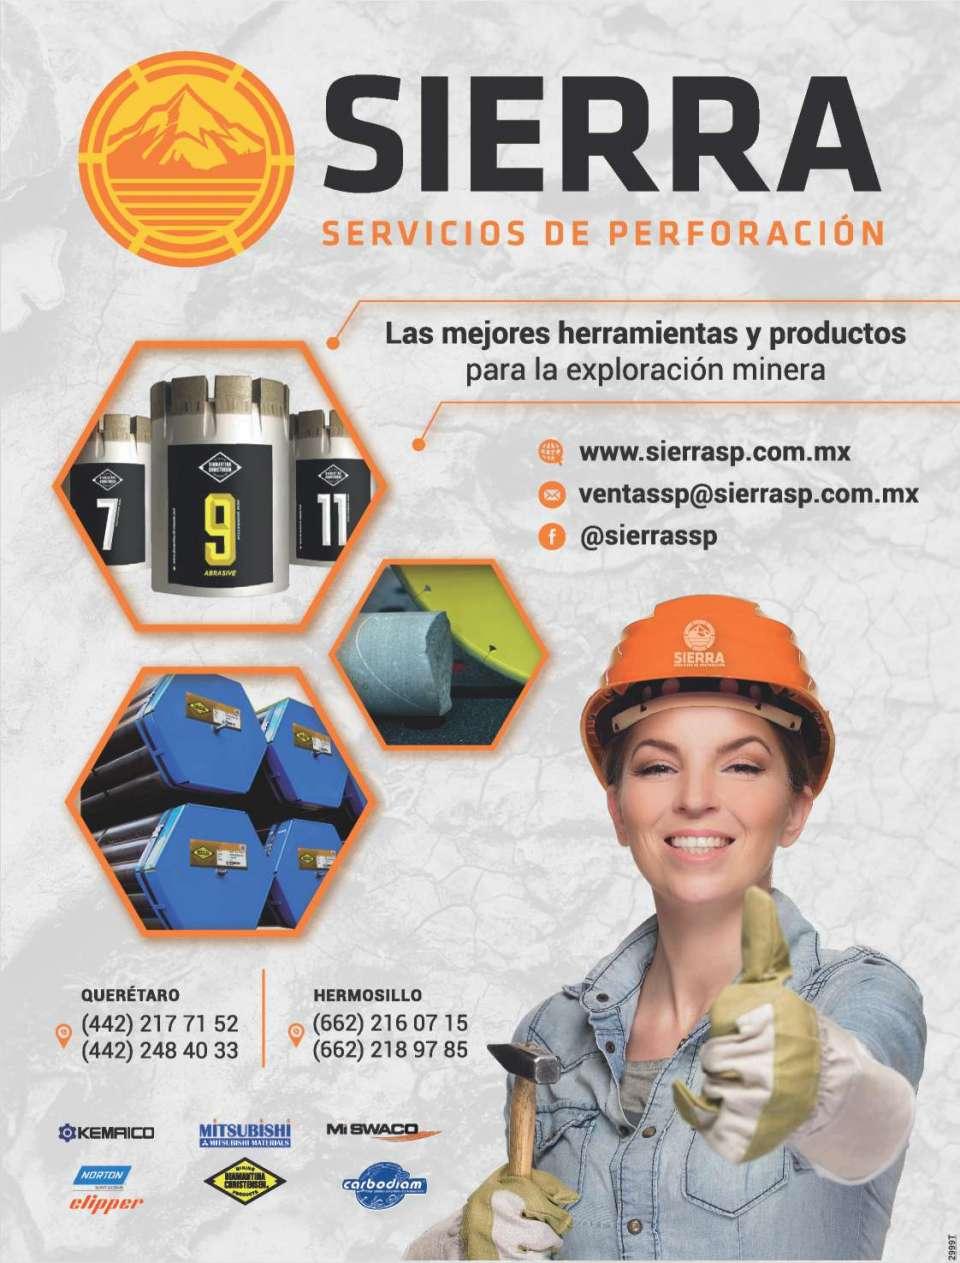 servicios de perforación, soluciones en la exploracion minera, asesoría, capacitacion, implementación